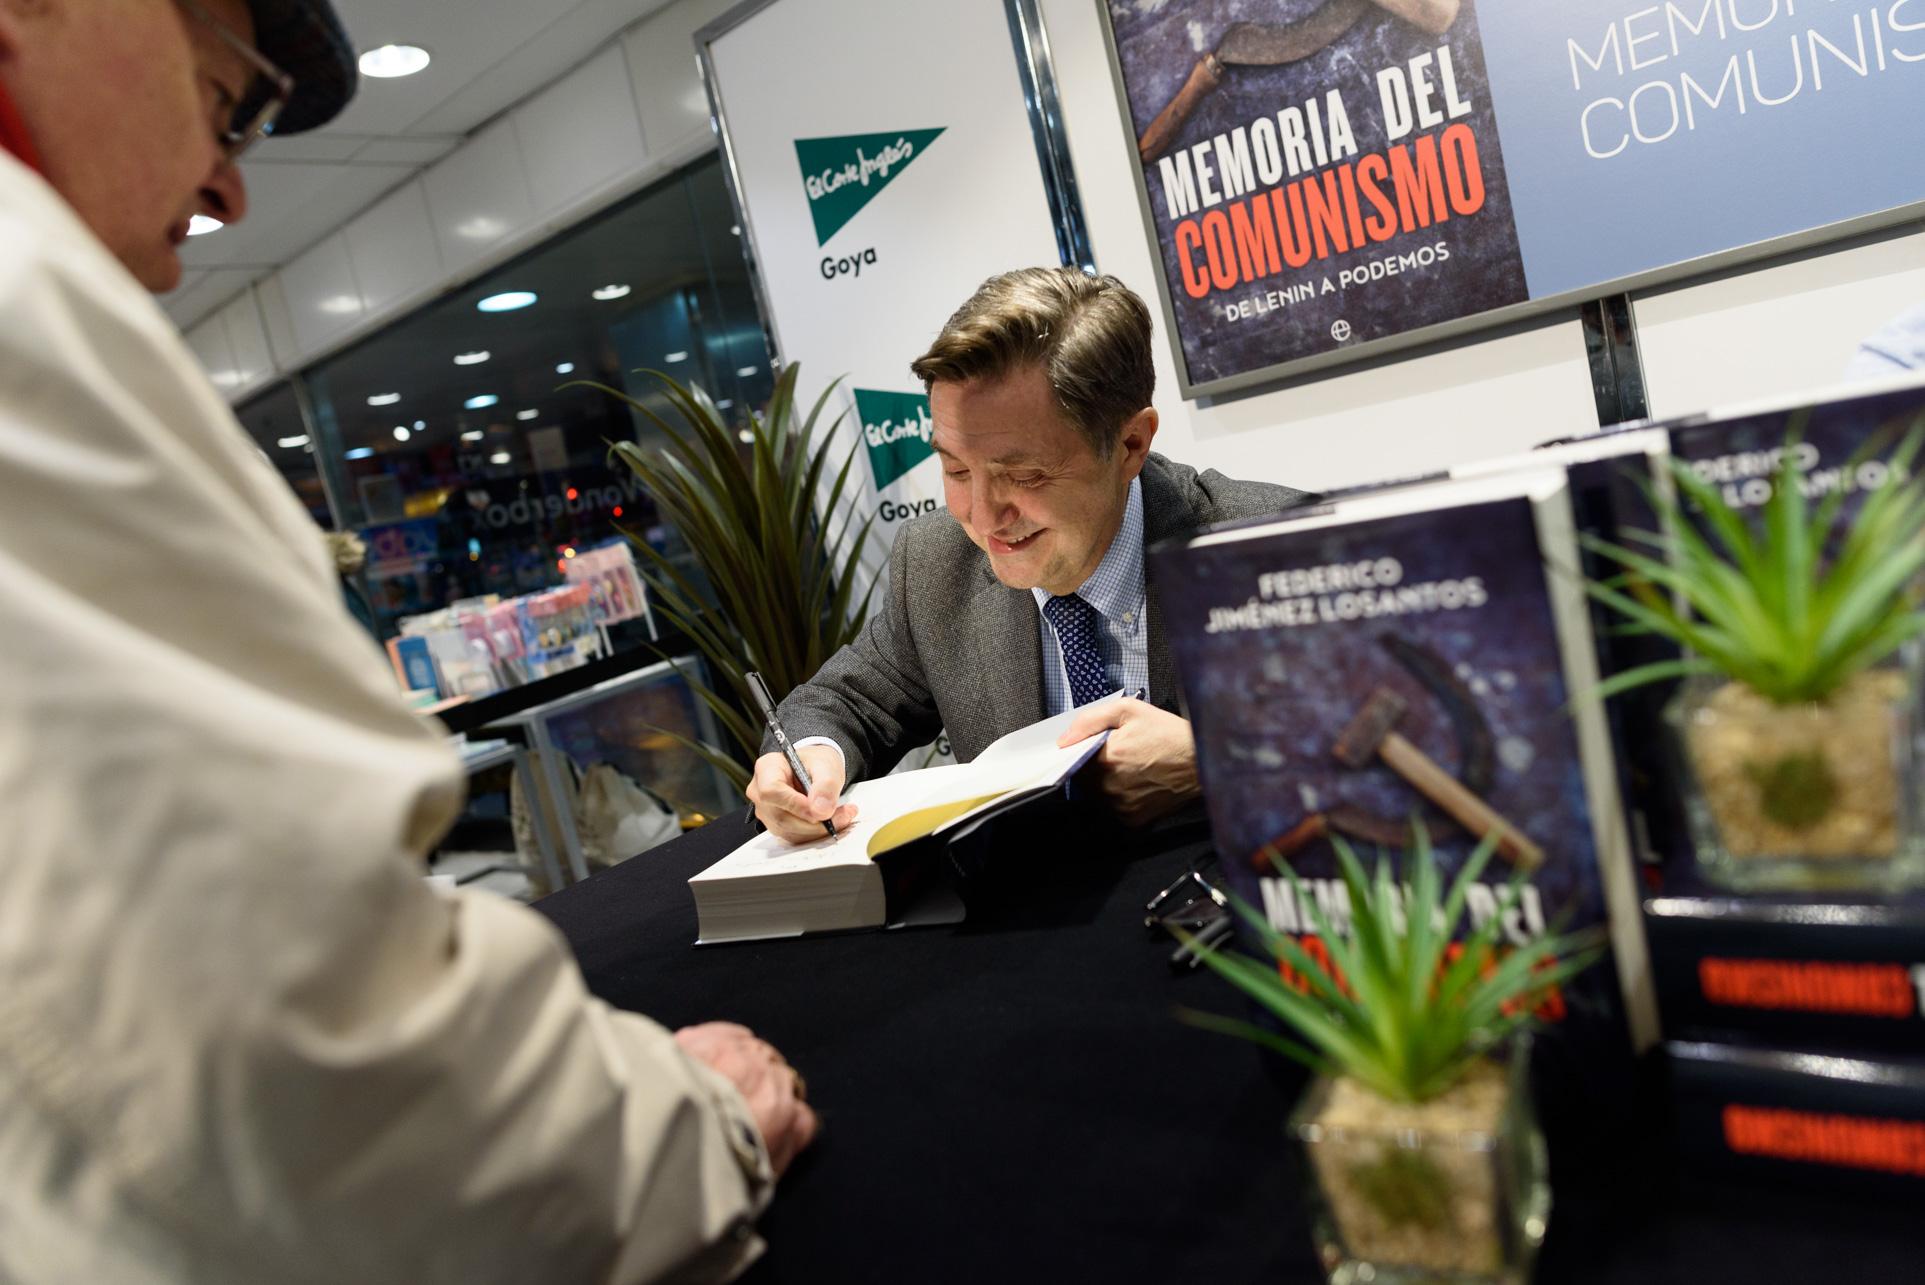 firma-libro-memoria-del-comunismo-federi